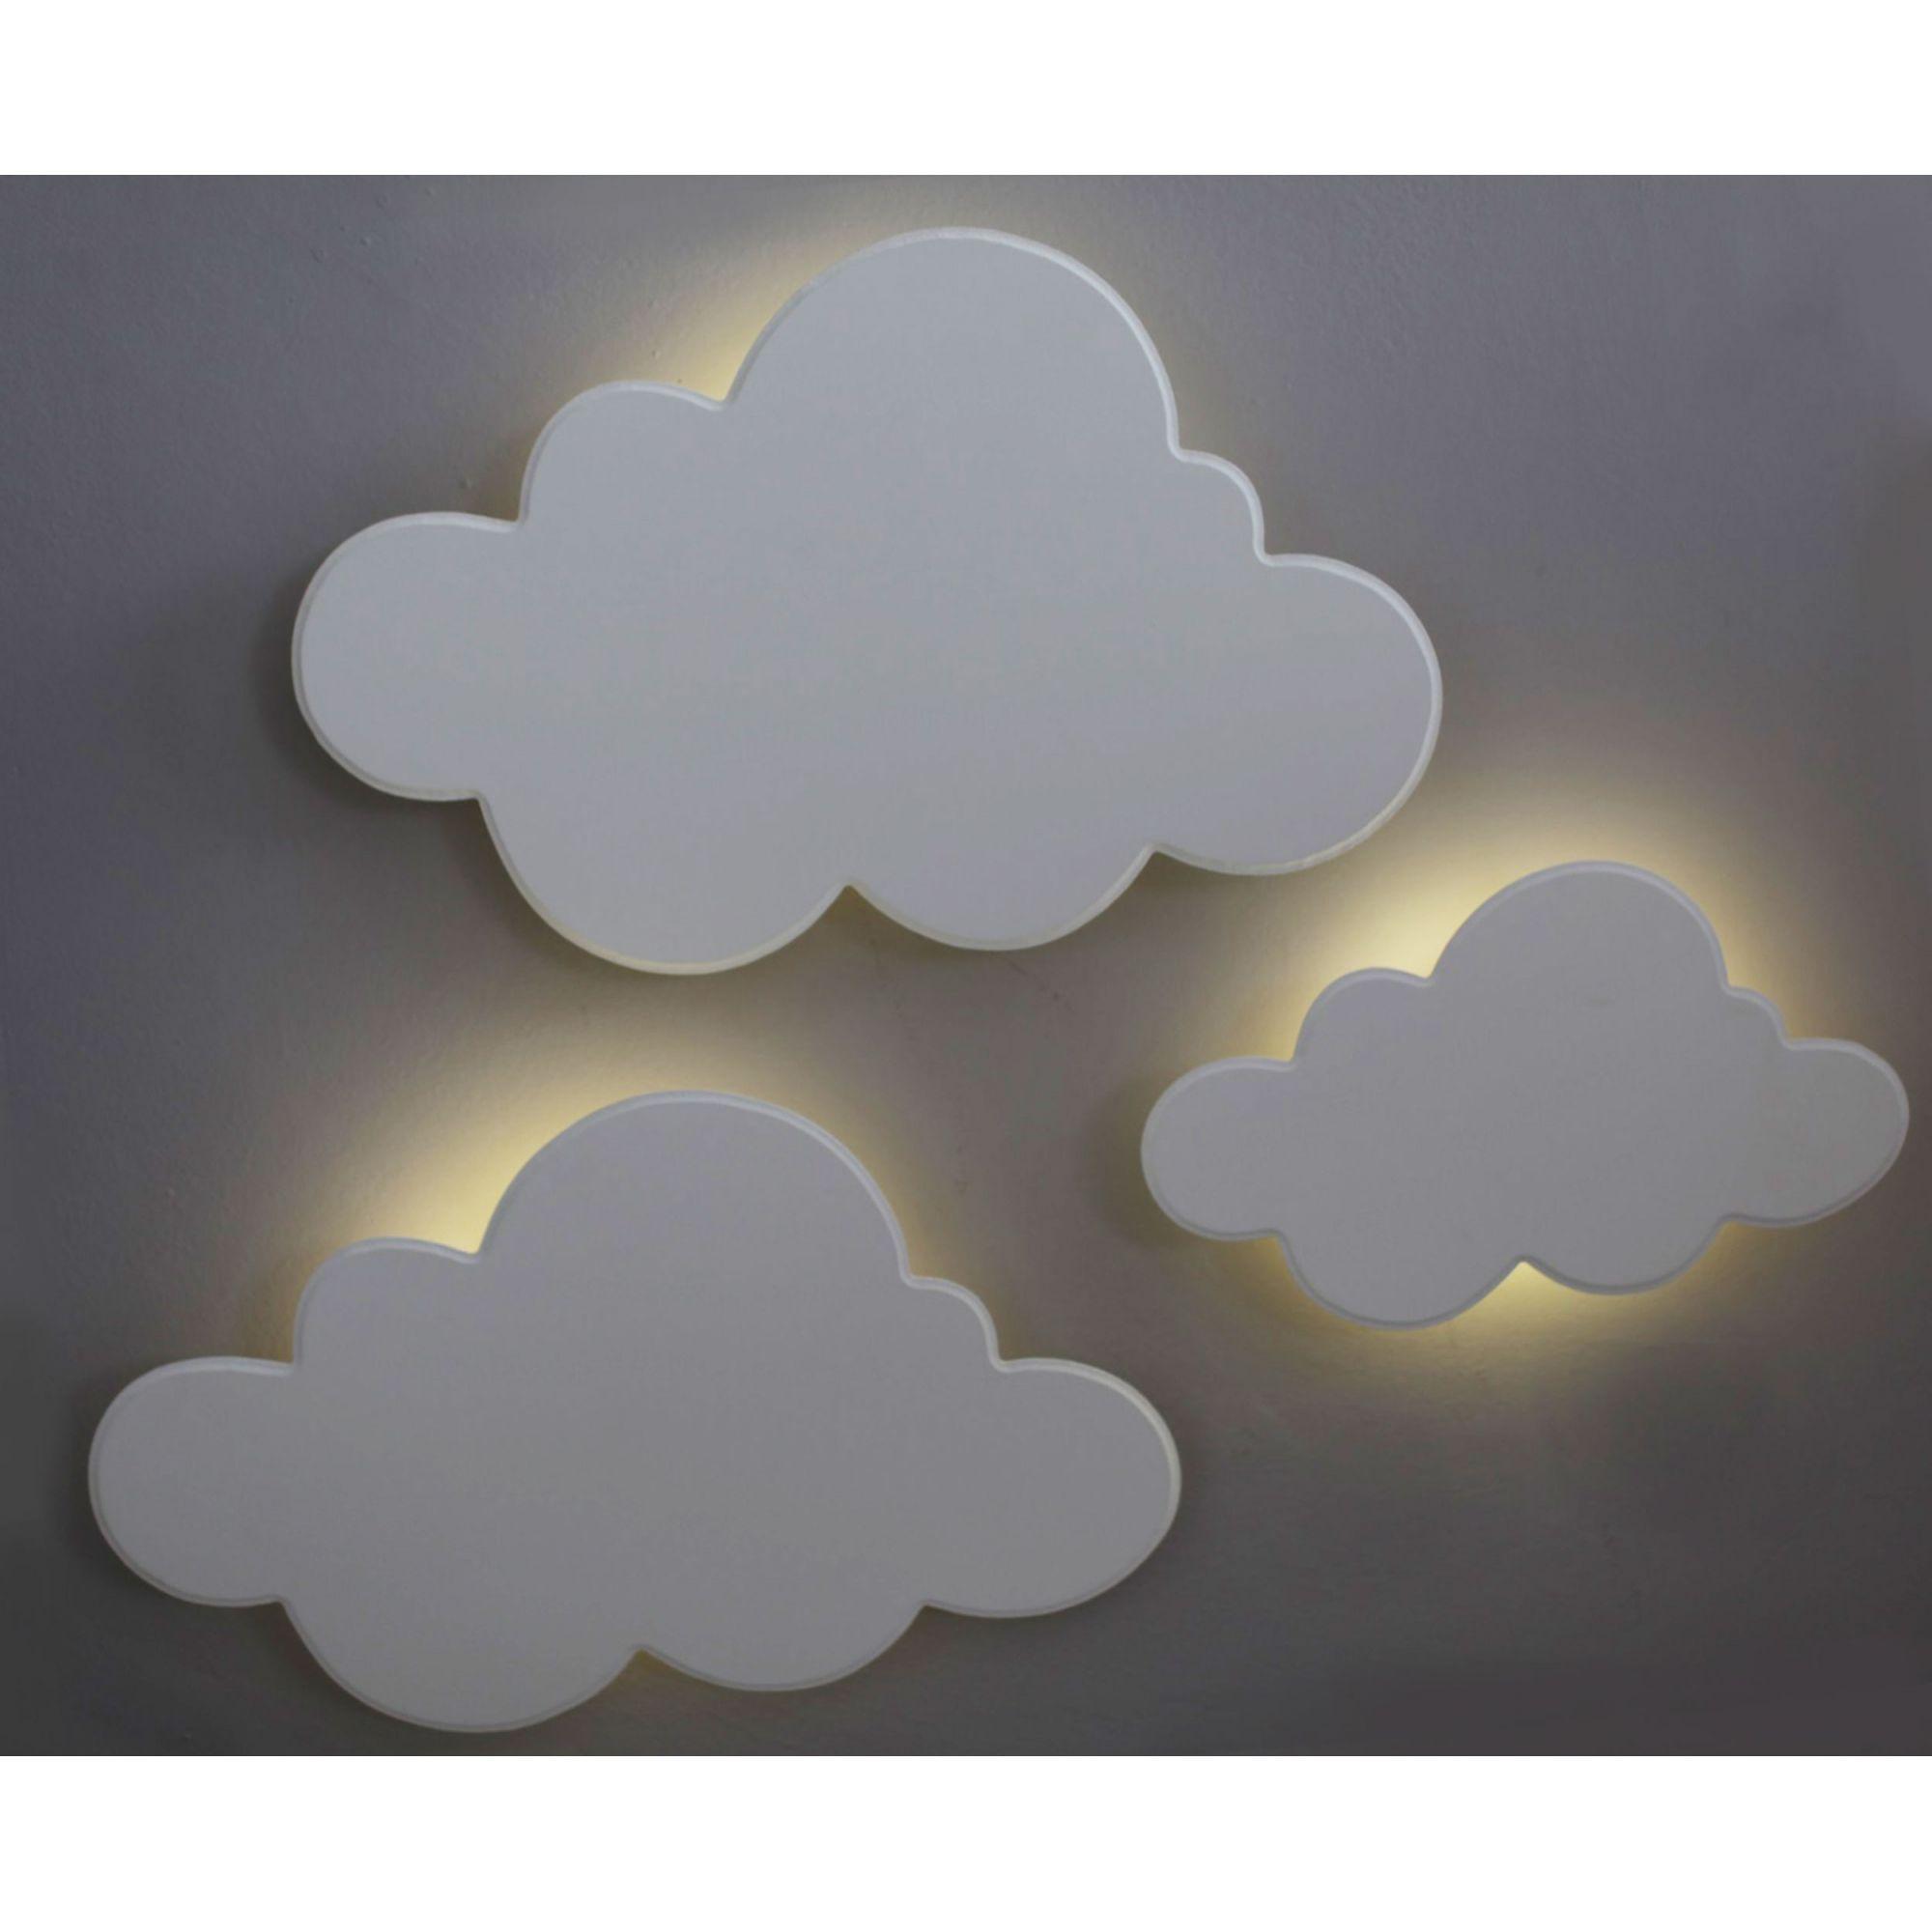 Kit 3 Luminárias Nuvem Branco com Luz de LED Quarto Bebê